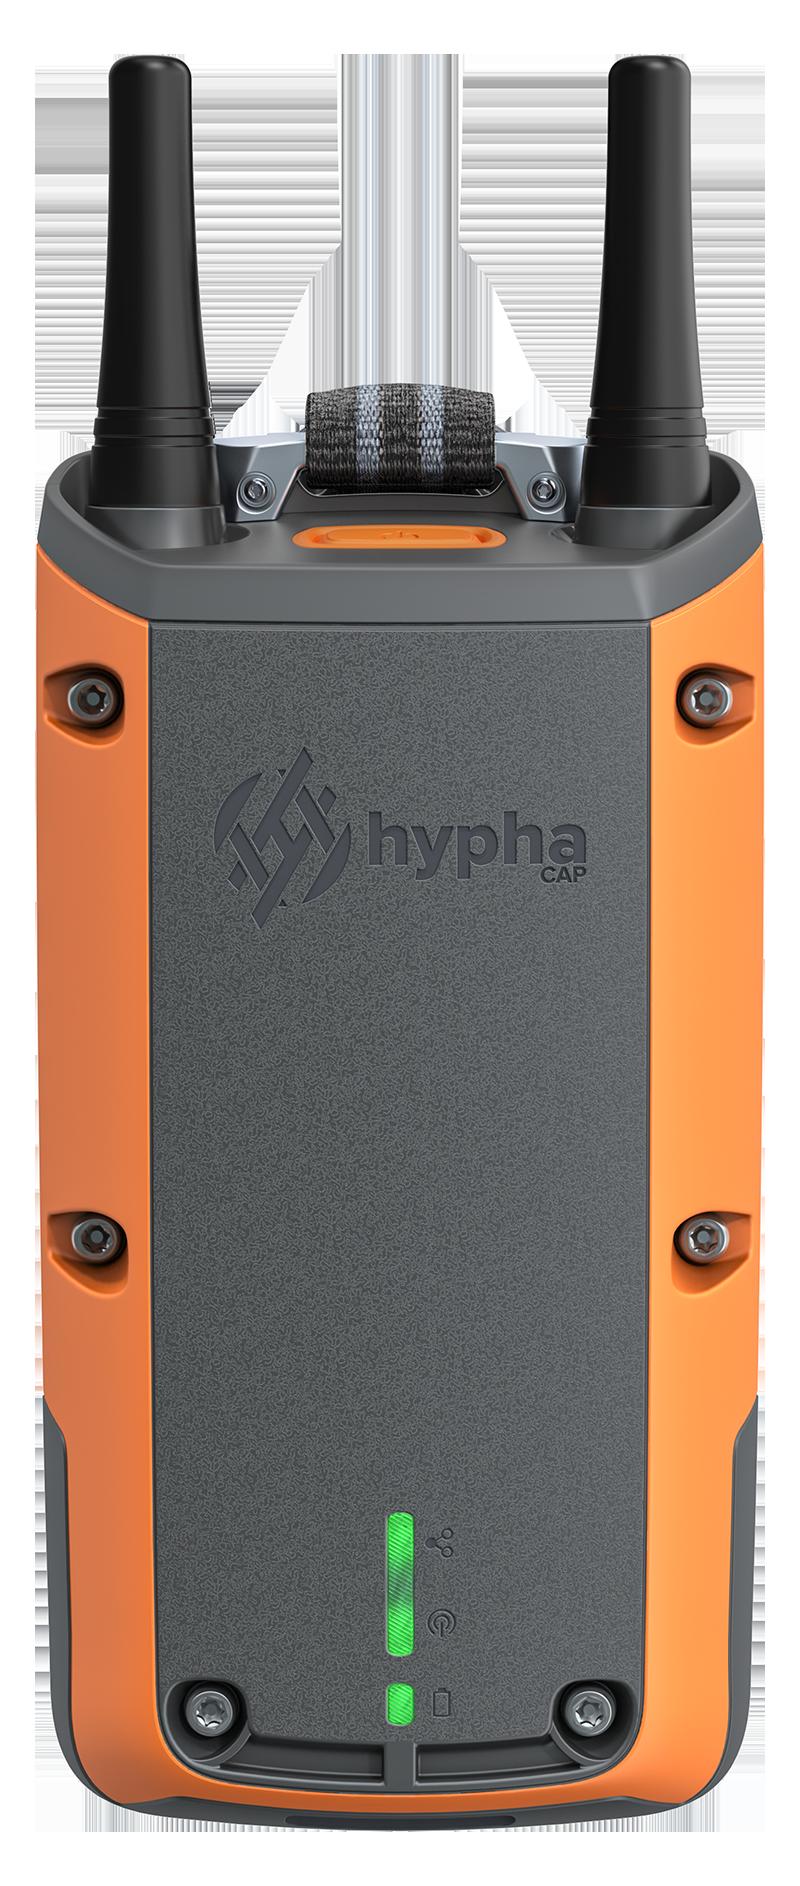 HyphaCAP